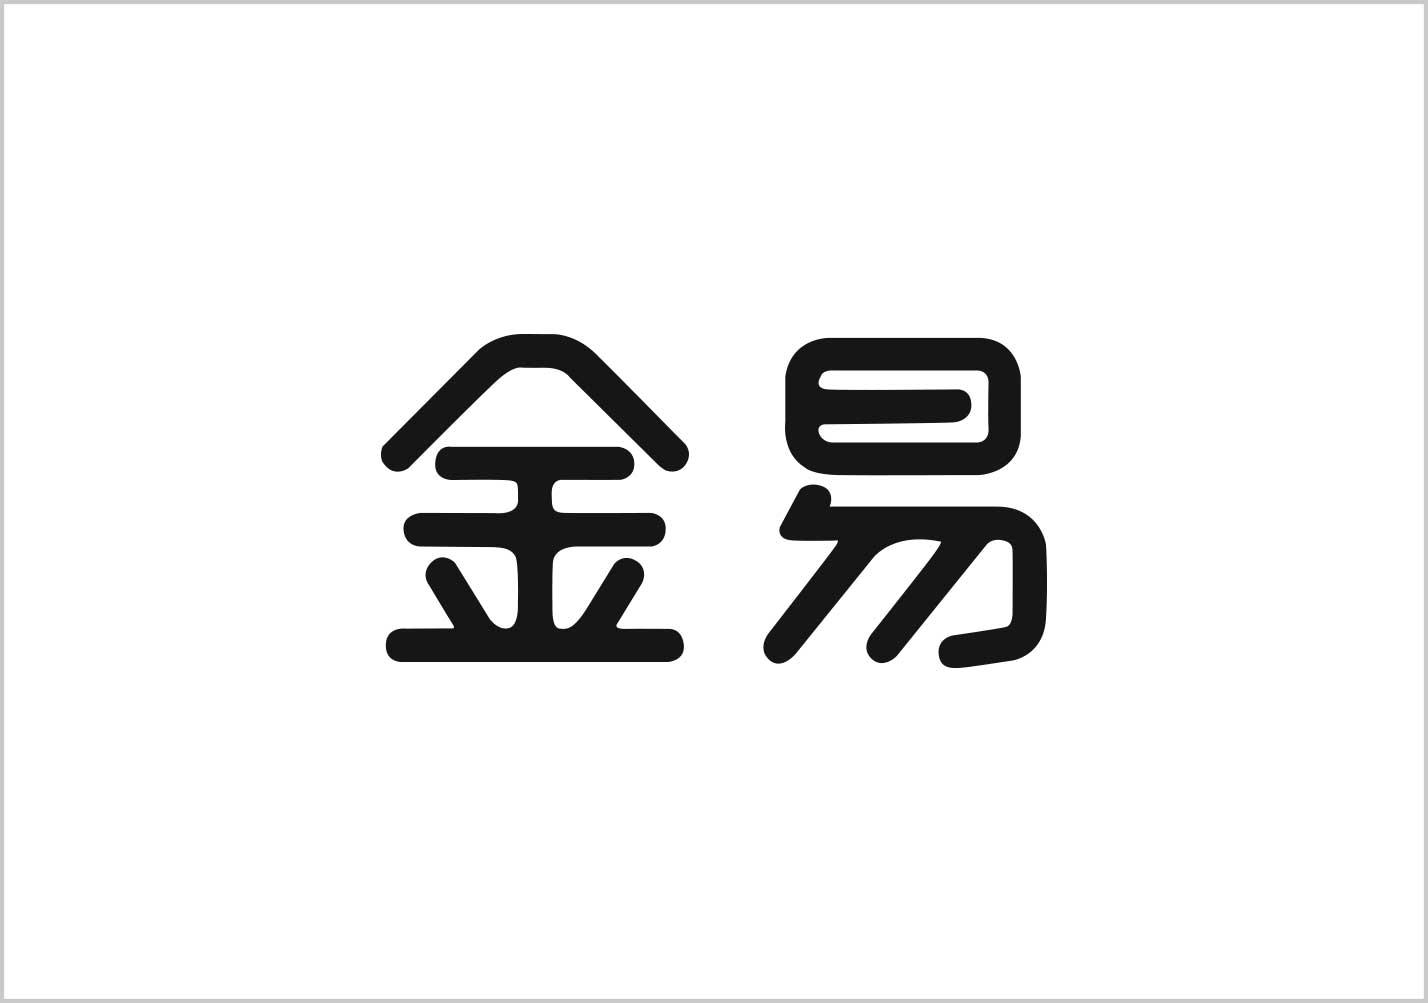 江苏金易律师事务所命名